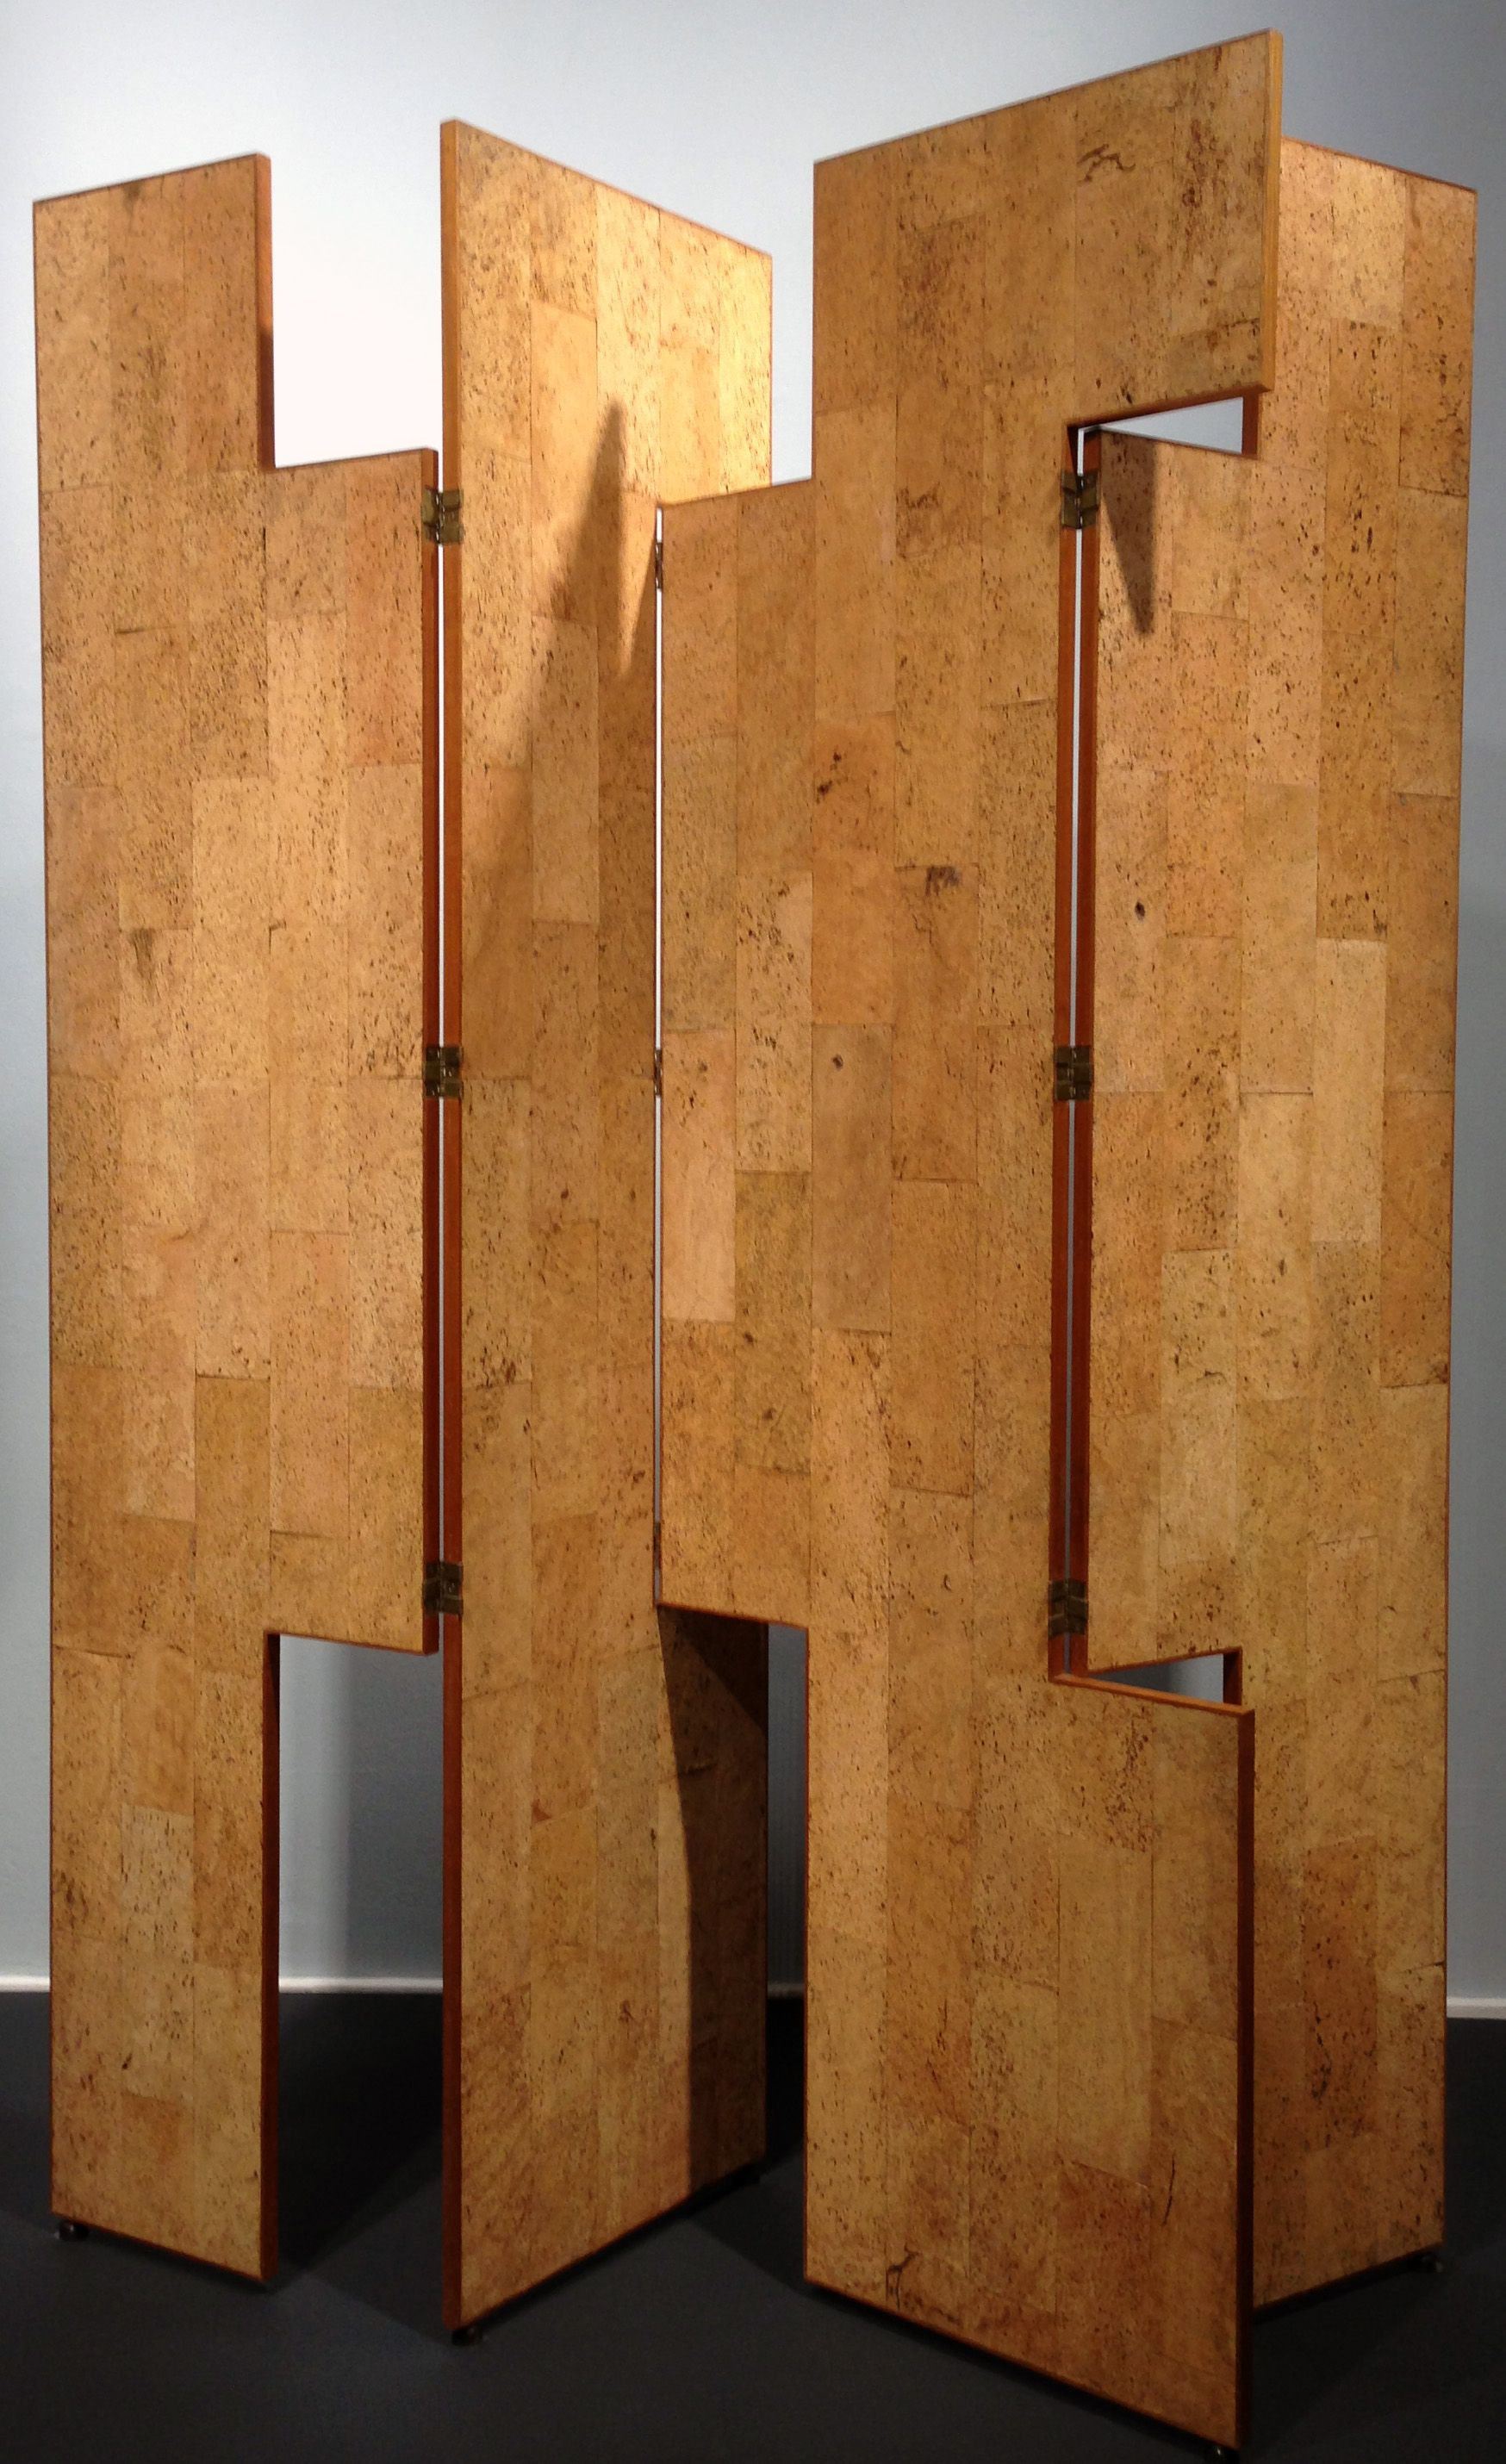 Eileen Gray Paravent Liege Annees 20 Meuble Design Maison Et Objet Mobilier De Salon